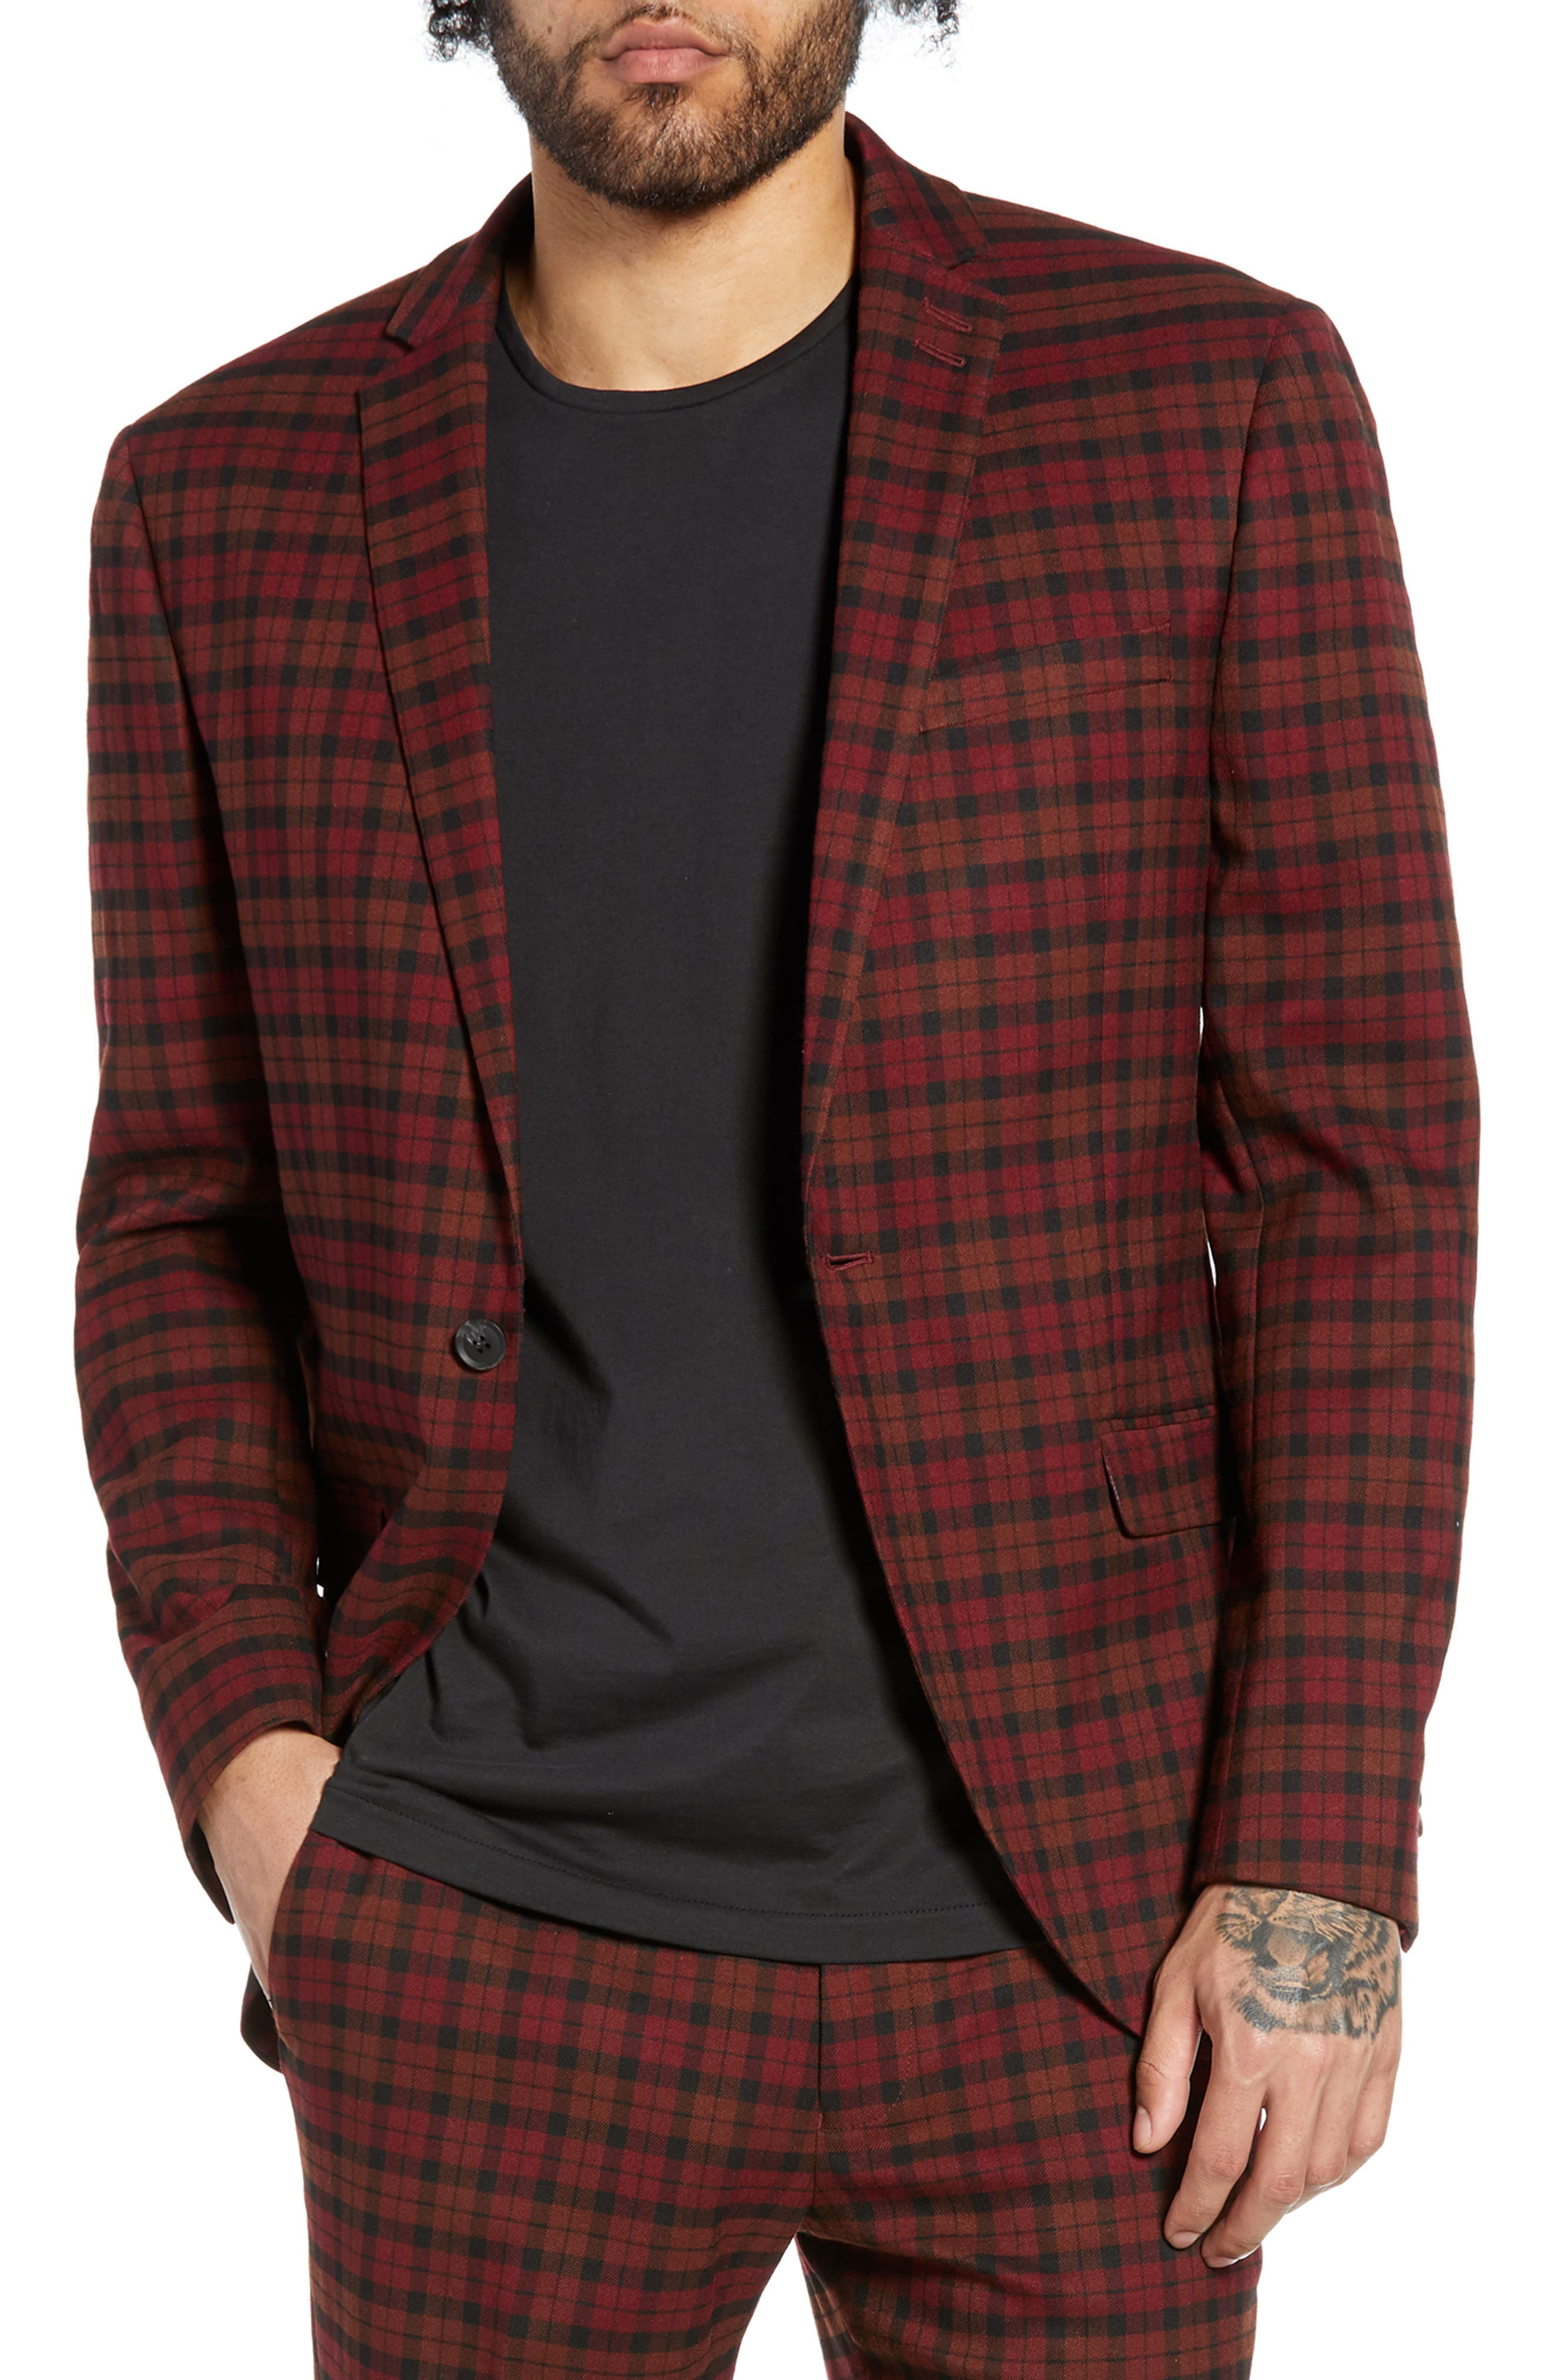 TOPMAN Thorn Slim Fit Suit Jacket, Main, color, 600